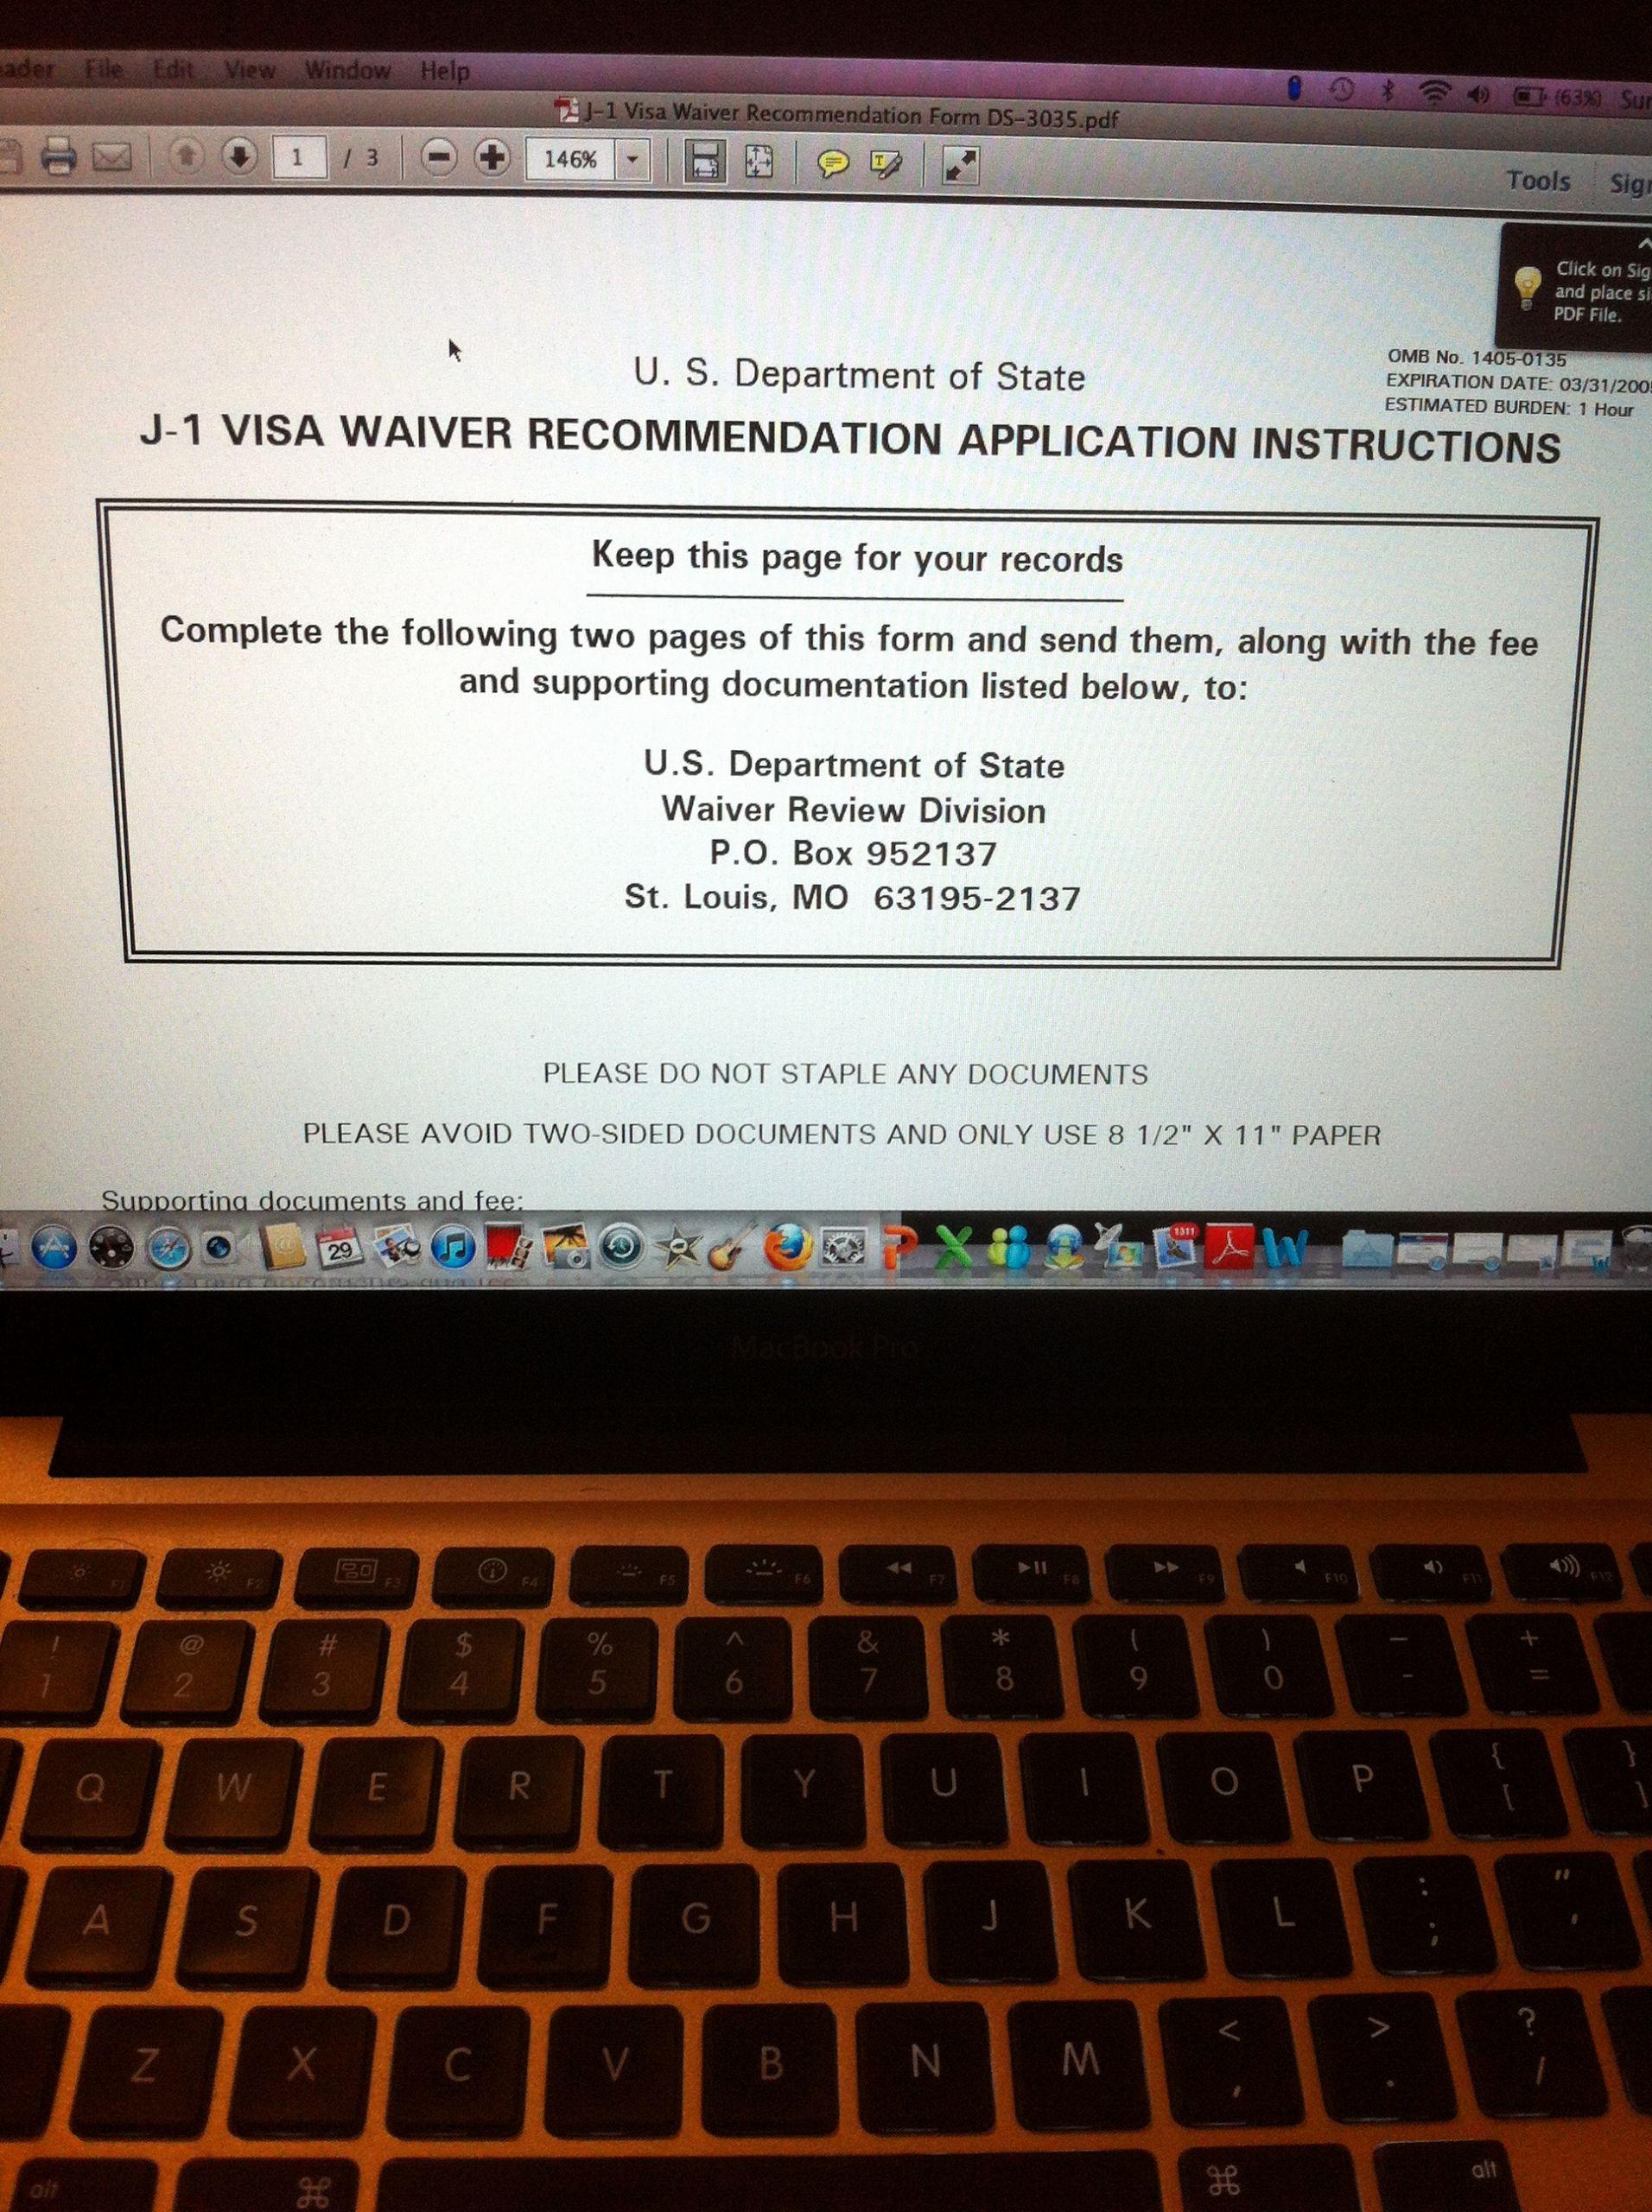 U Visa Personal Statement Sample Beautiful Sample Personal Statement for J1 Waiver Application